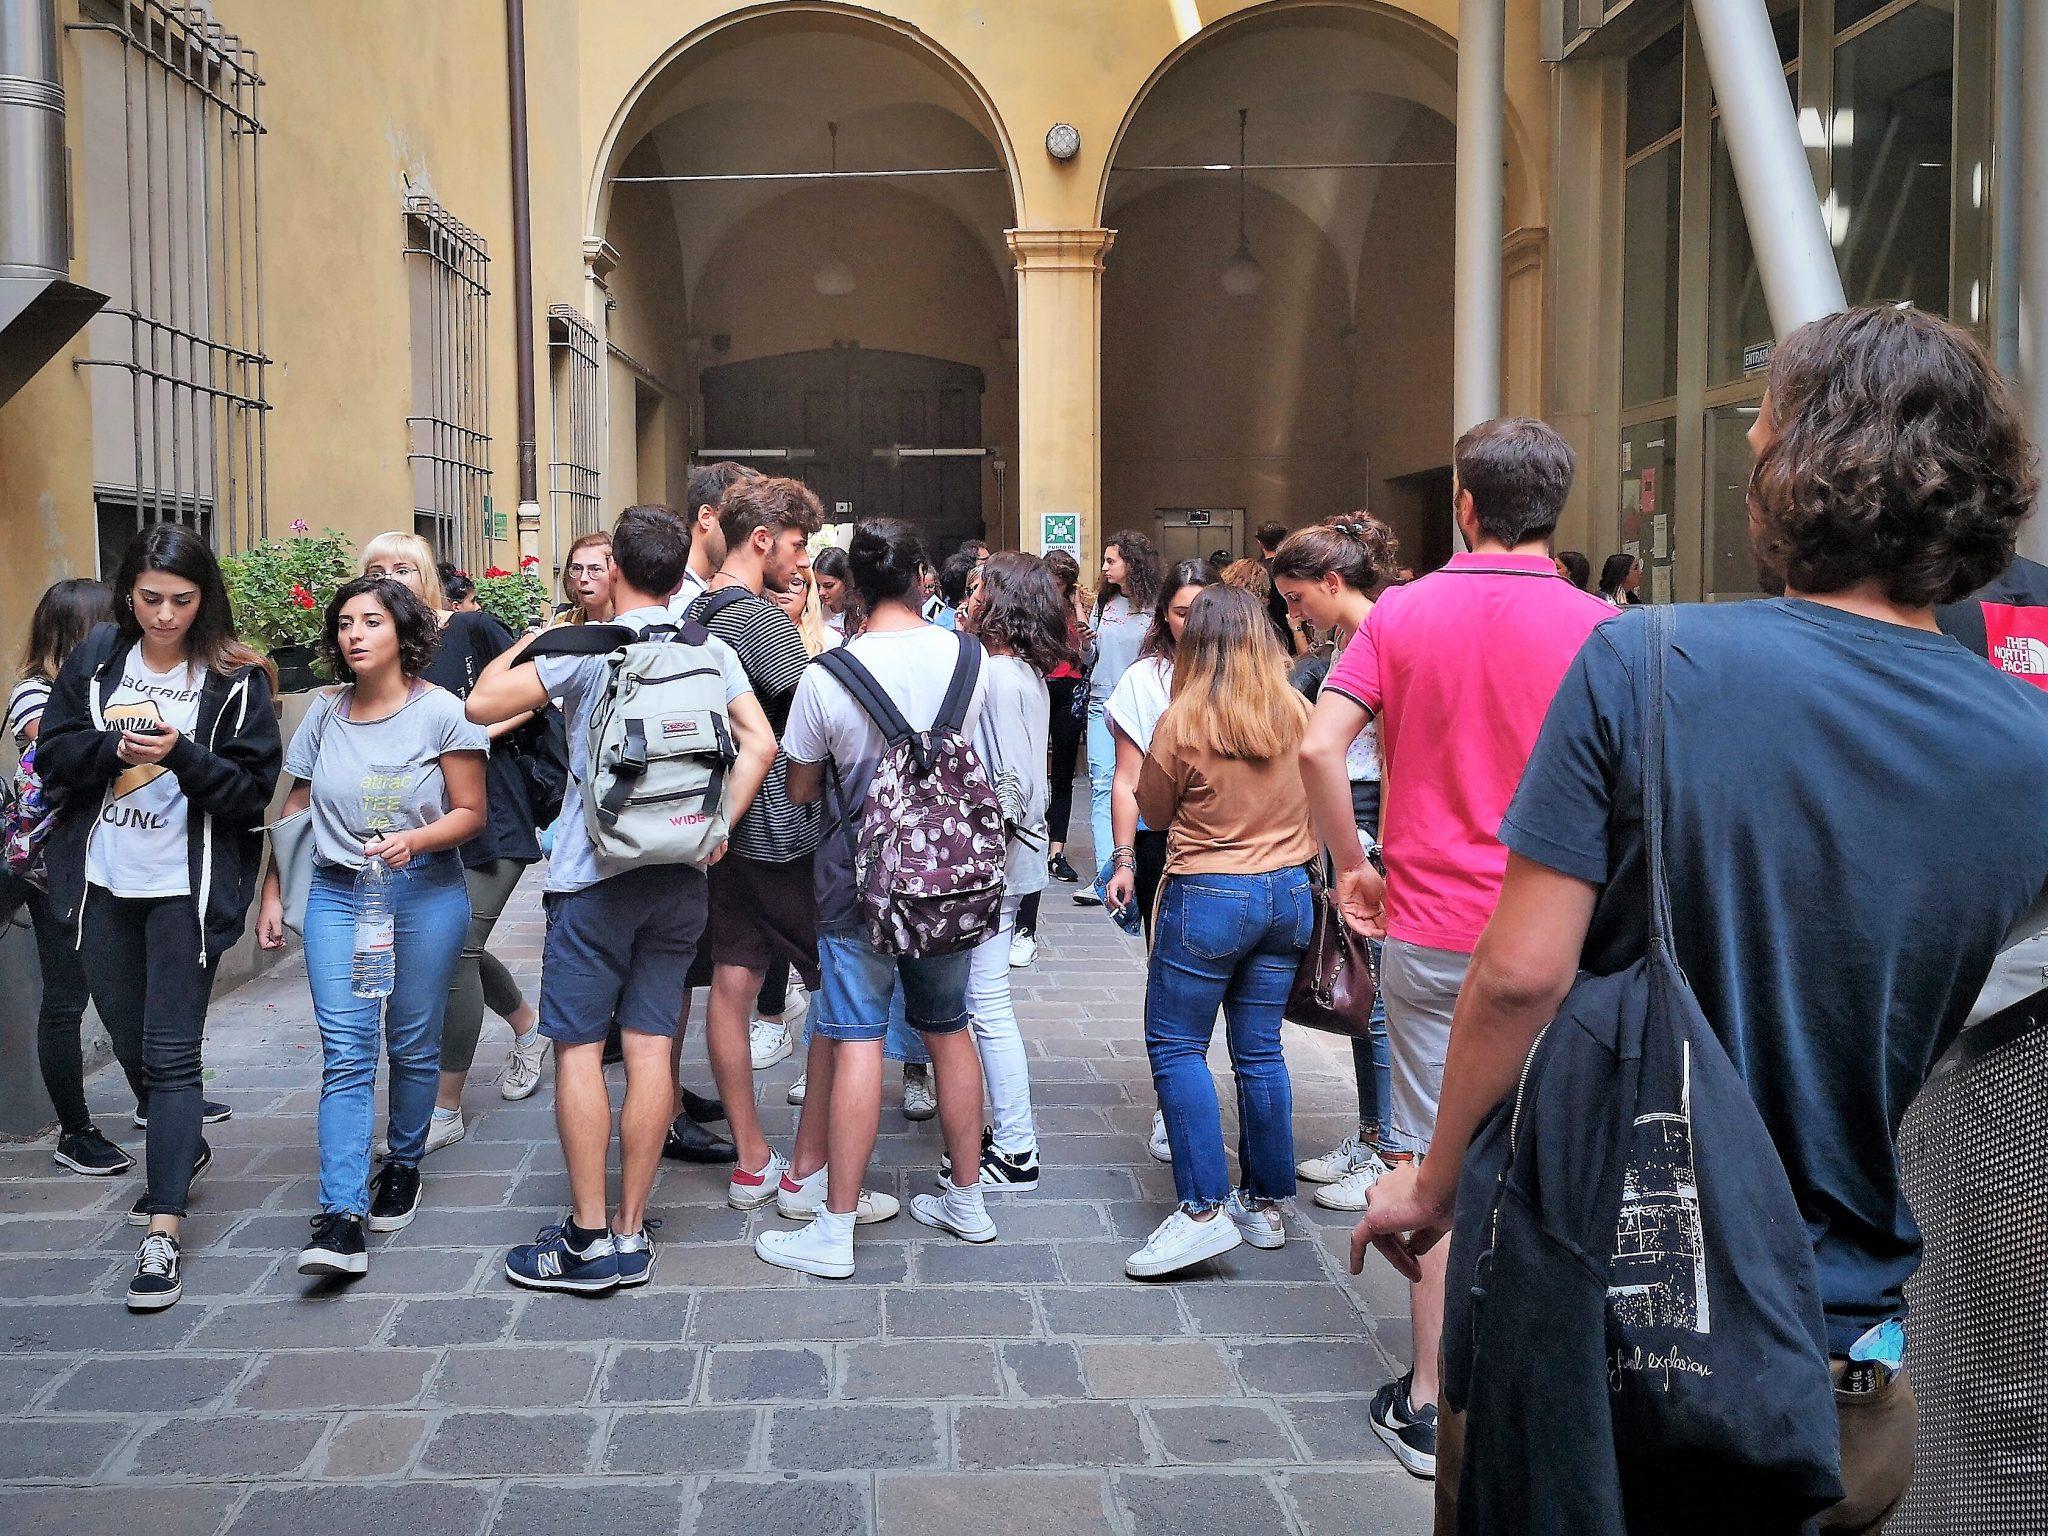 Studenti universitari in attesa di entrare in aula.